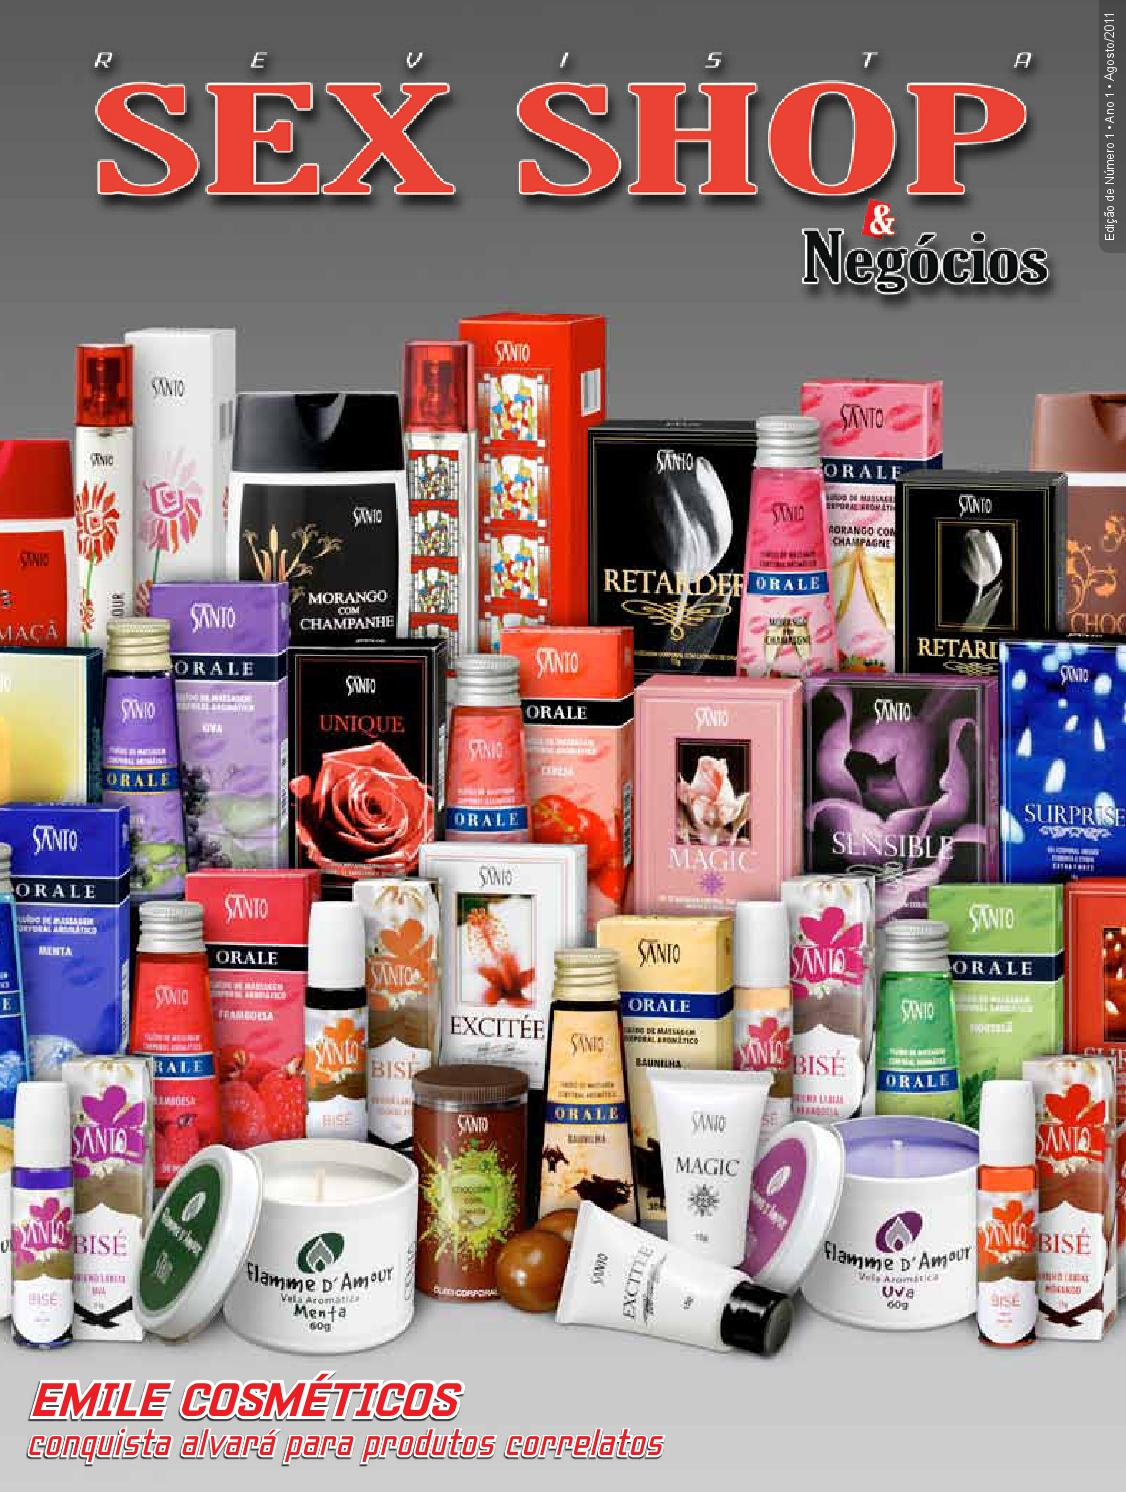 28e88bdf9 Revista Sex Shop   Negócios - nº 01 by Revista Sex Shop   Negócios - issuu